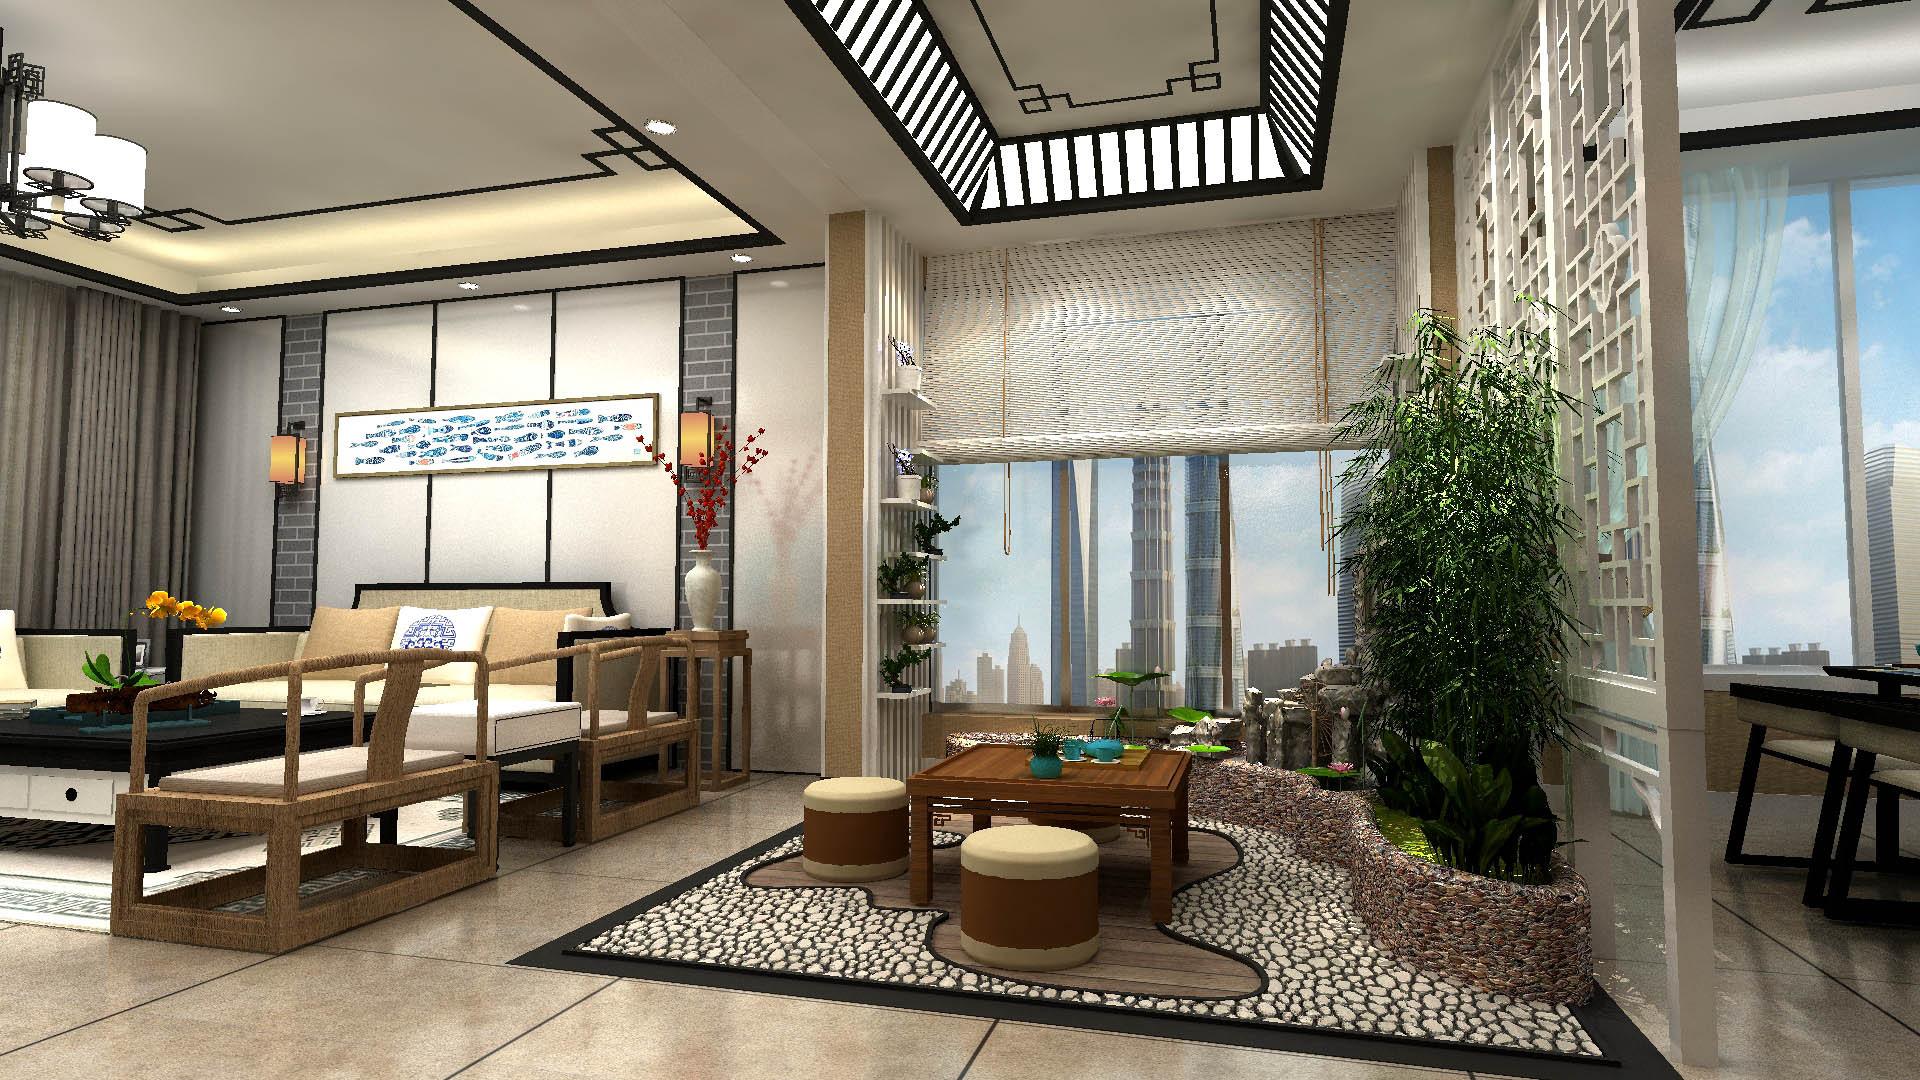 新中式设计|空间|室内设计|escapetomato - 原创作品